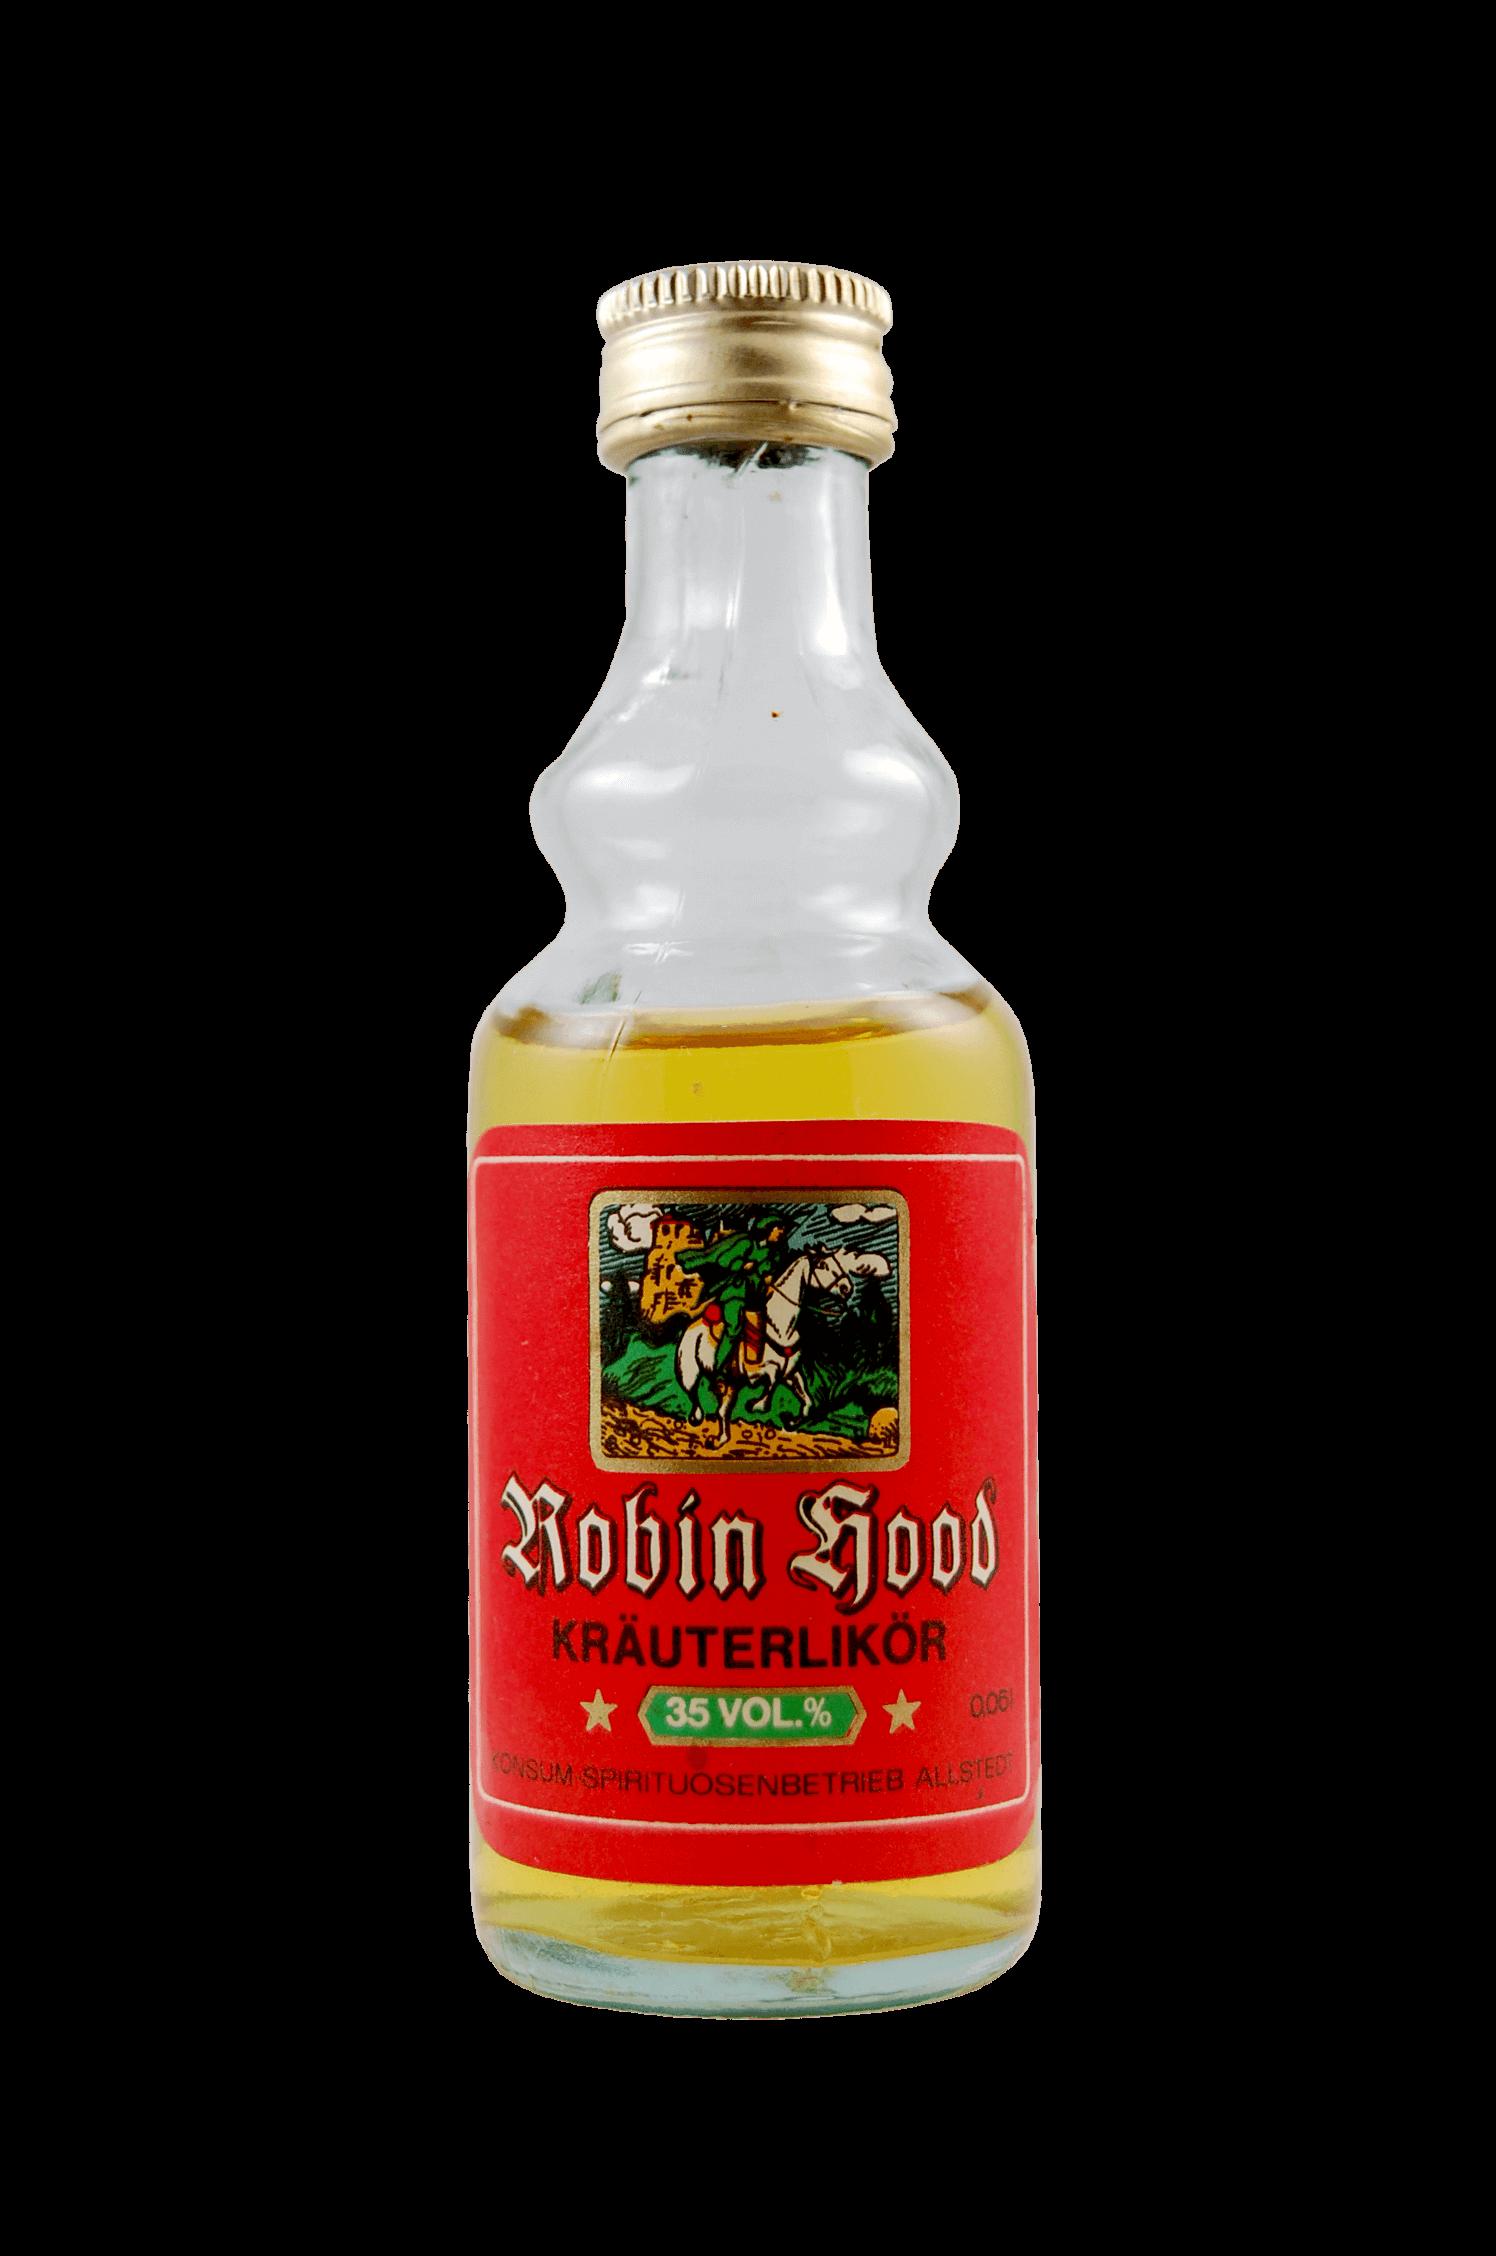 Robin Hood Kräuterlikör